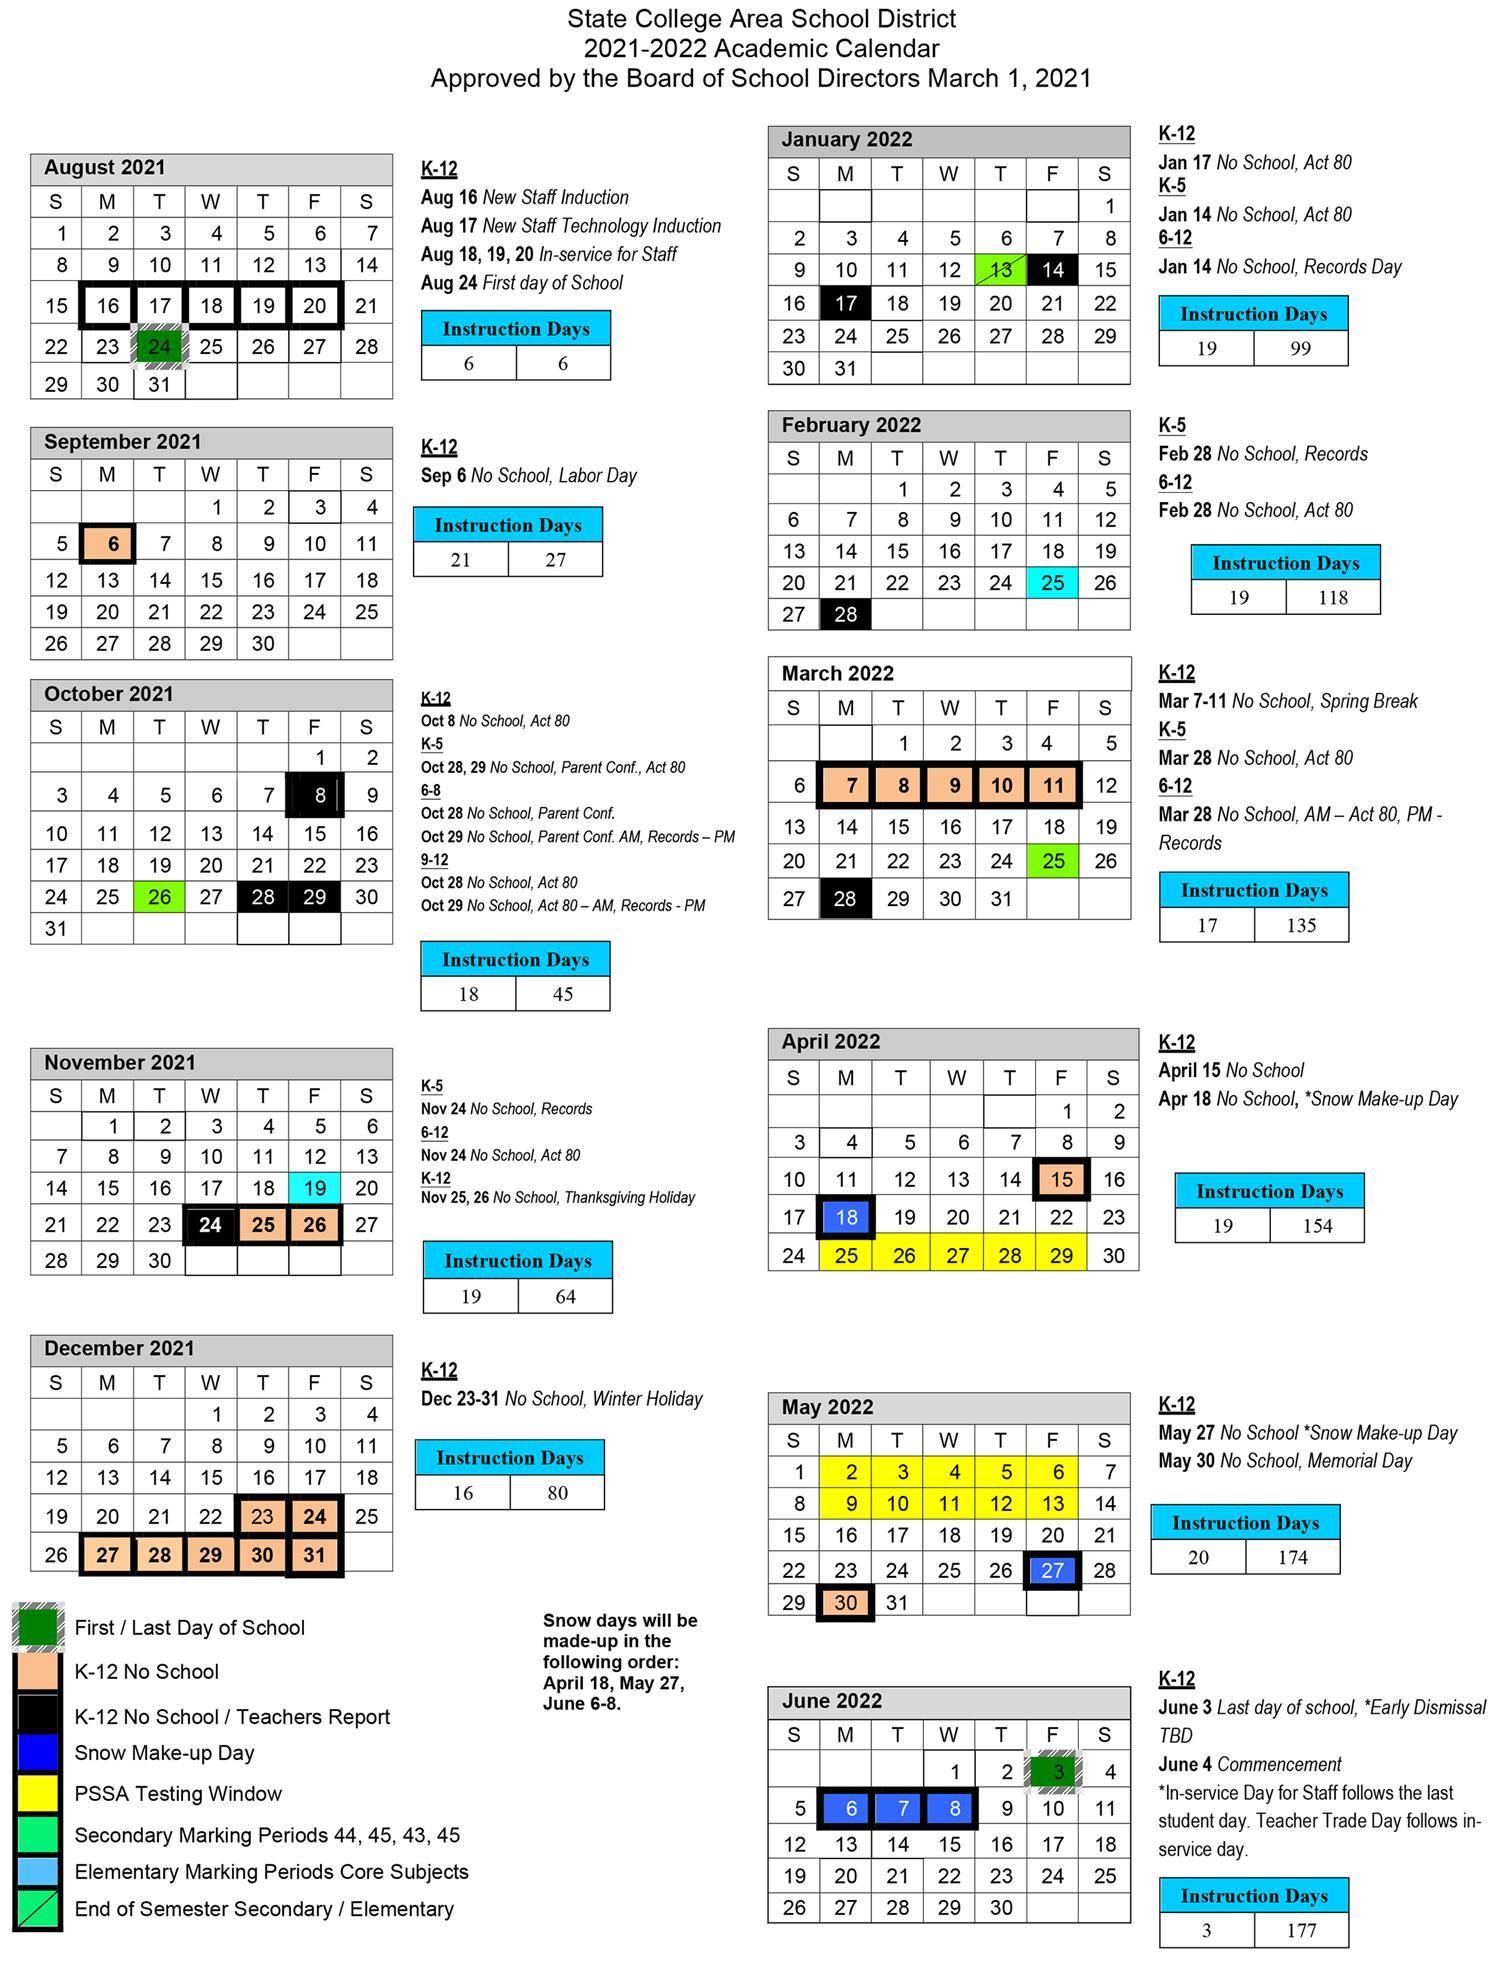 Rit Academic Calendar 2022 2023.2021 2022 Academic Calendar